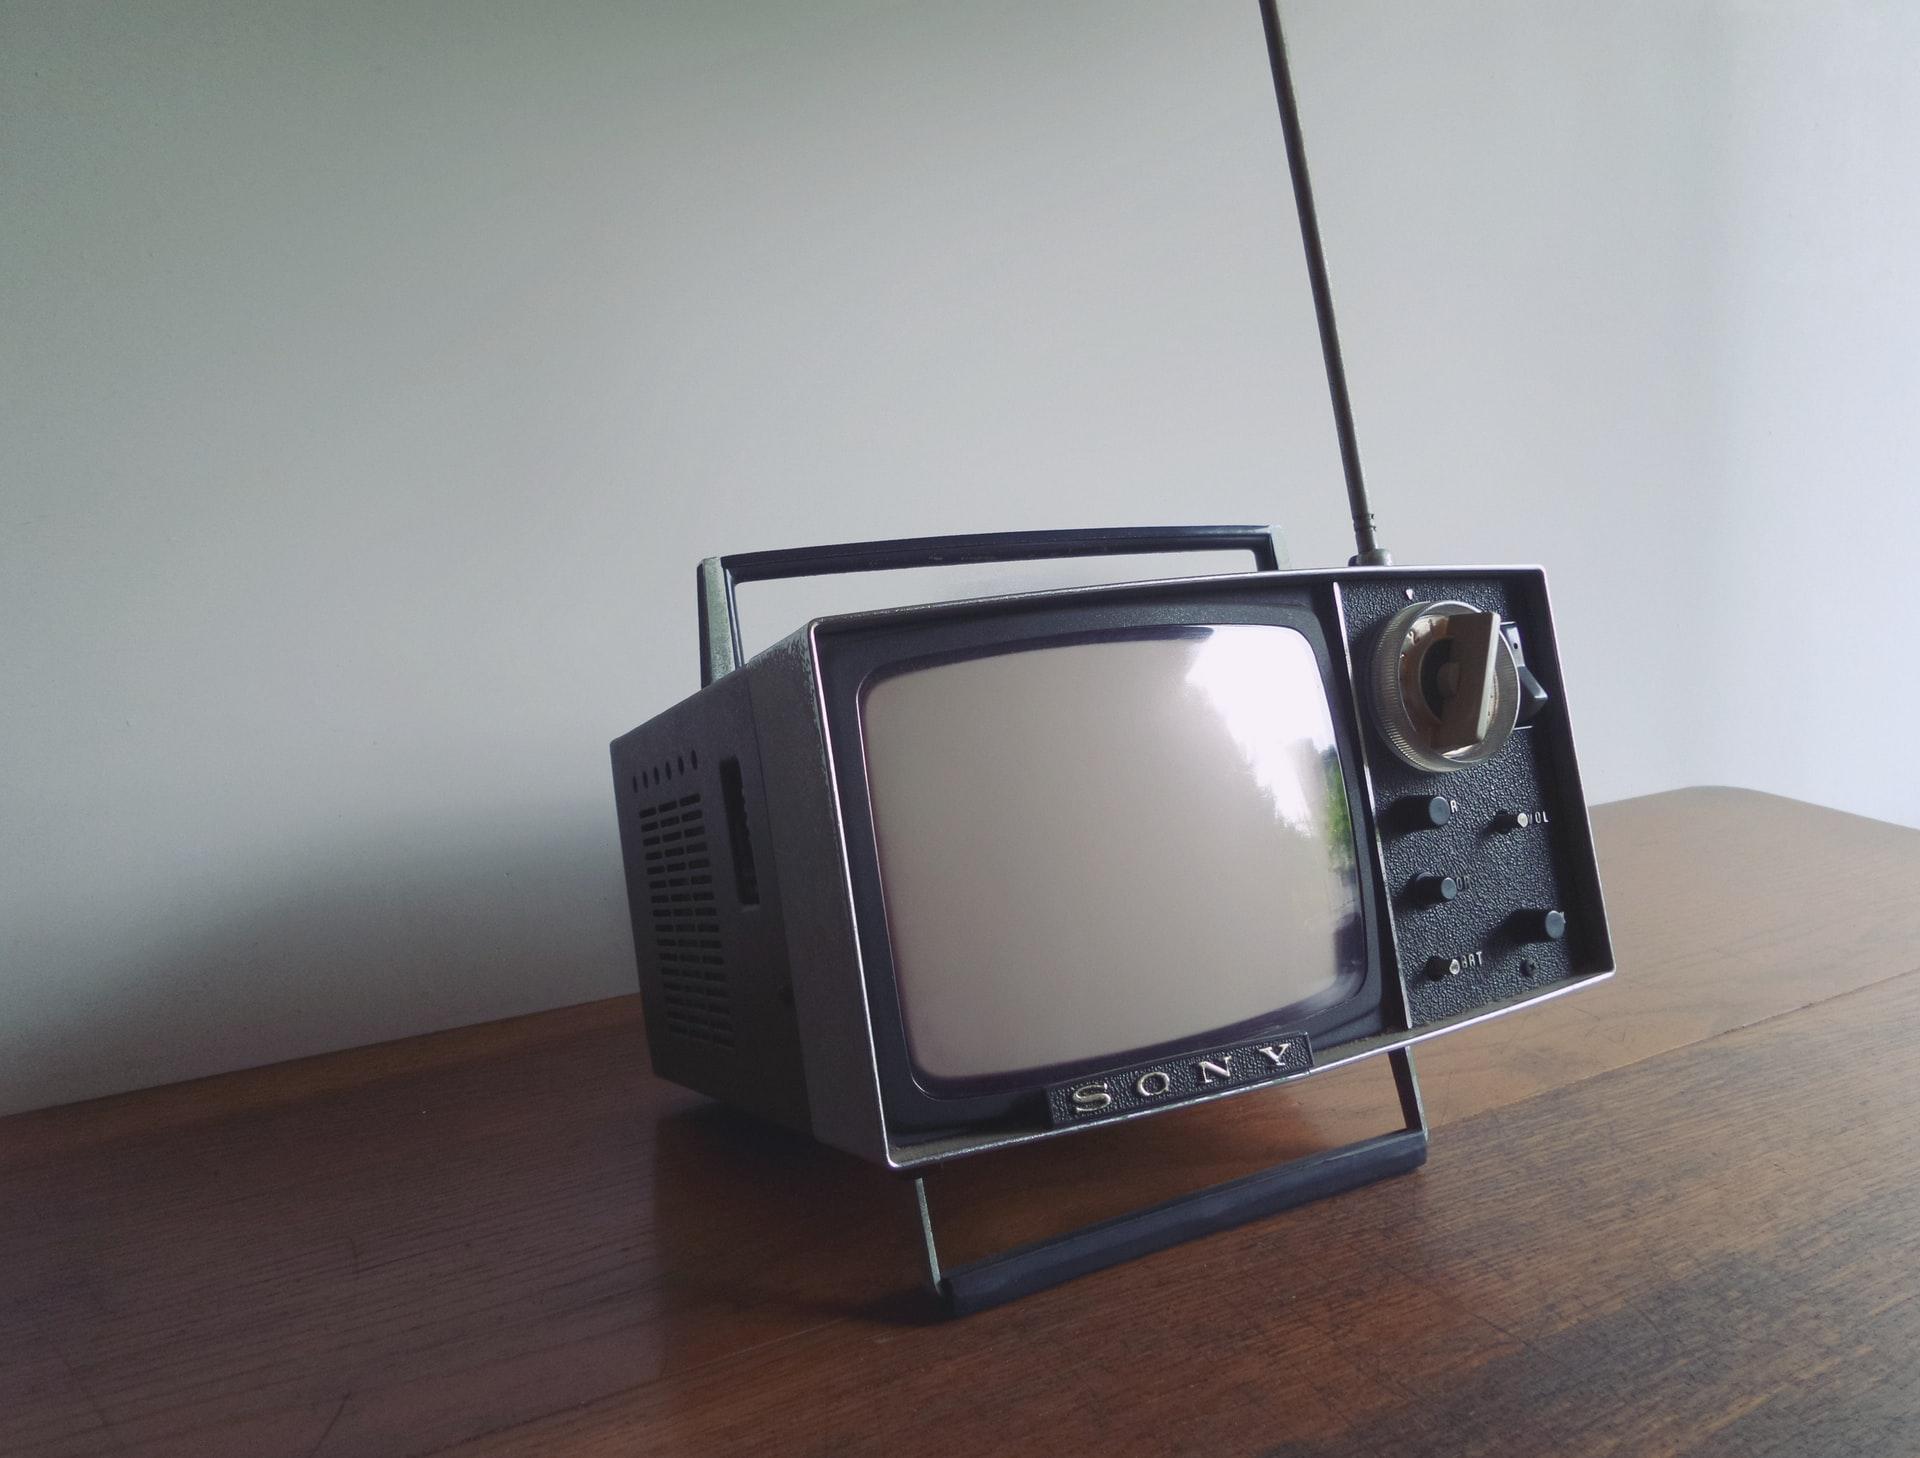 Un téléviseur de l'ancien temps